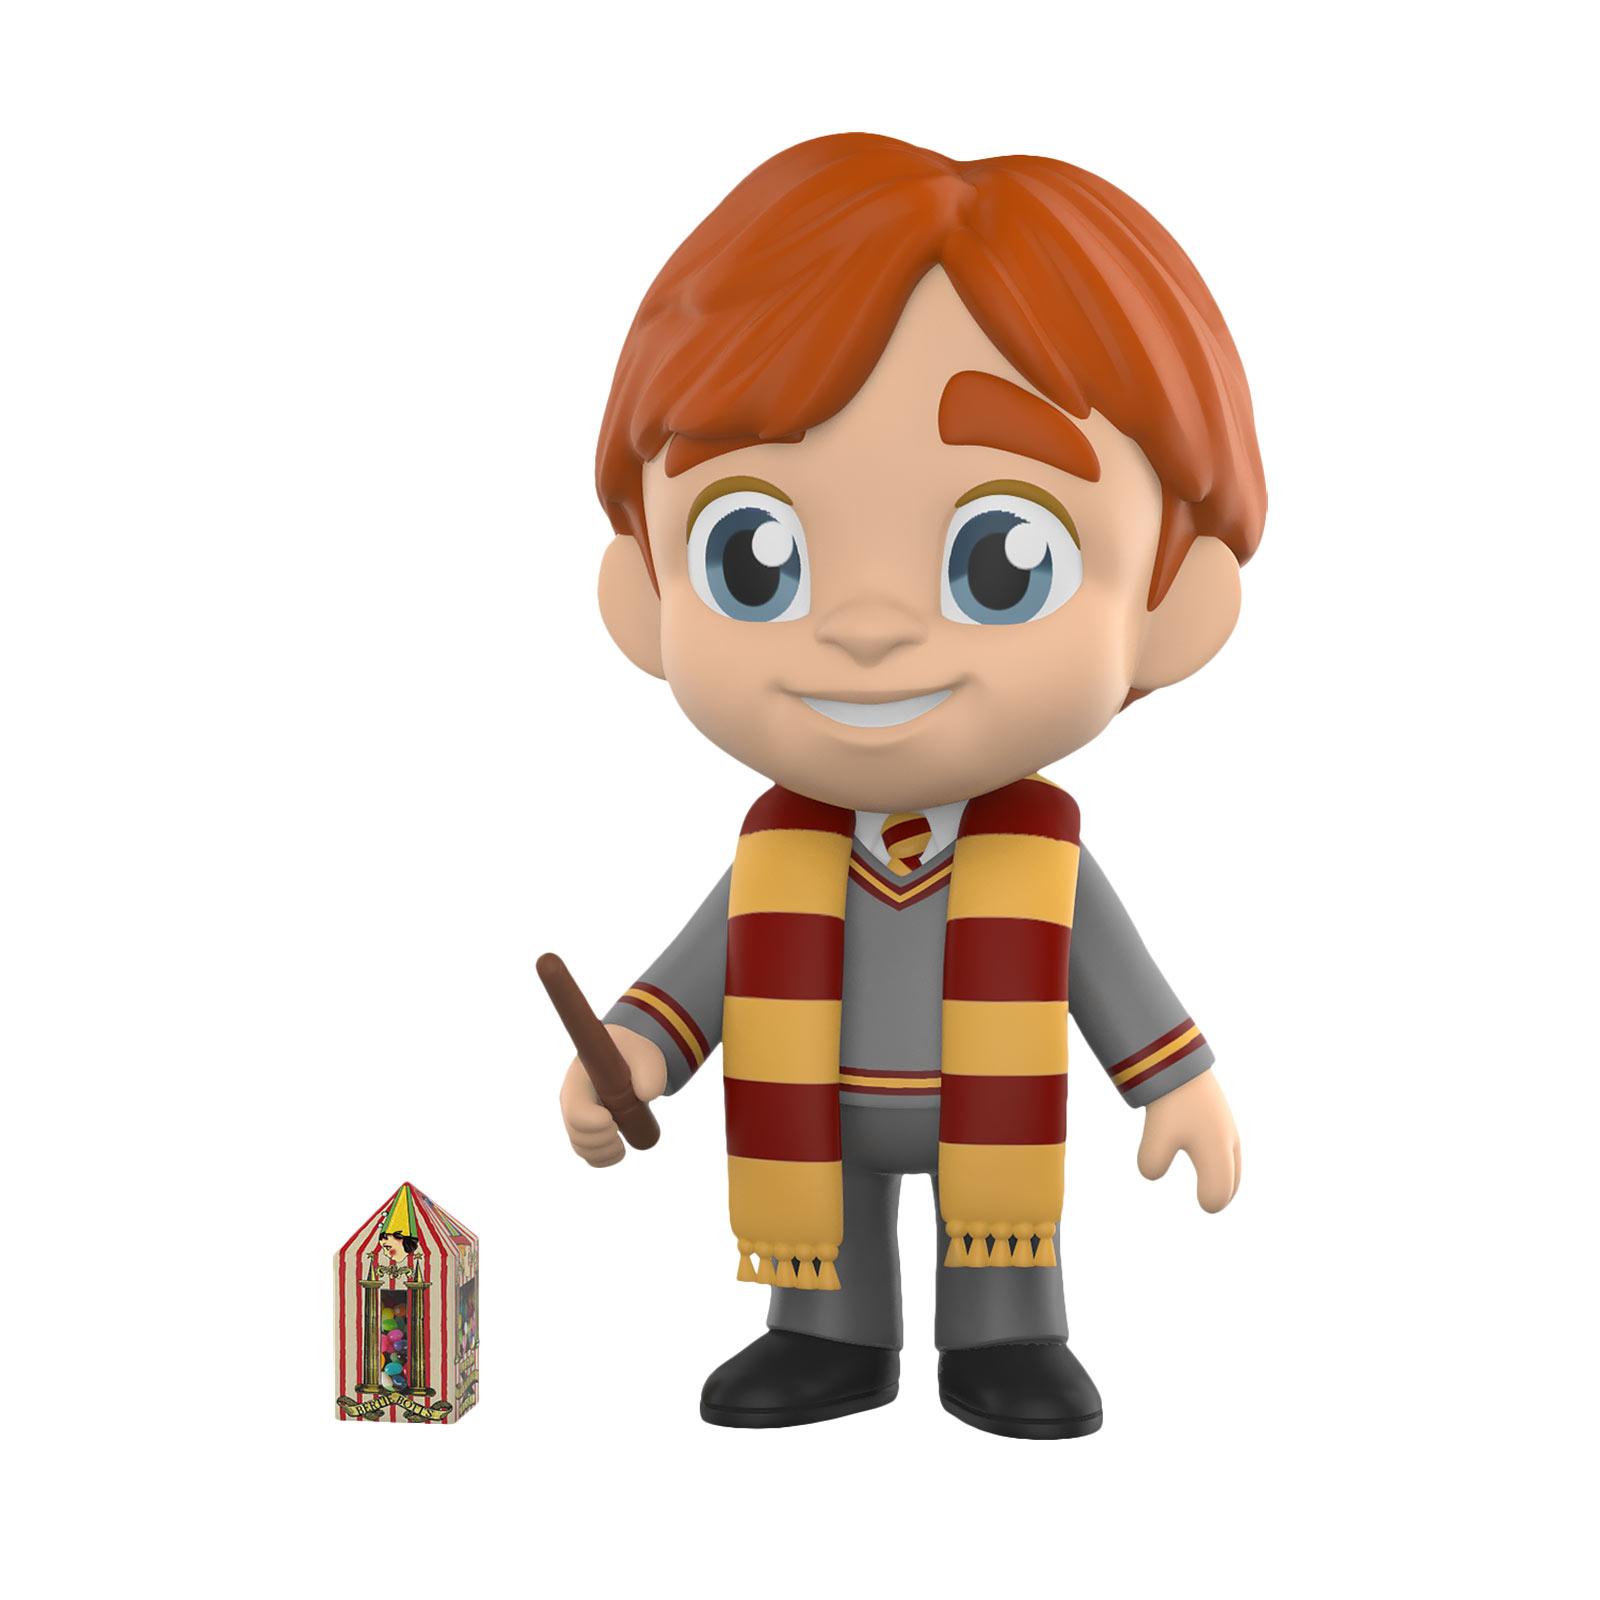 Harry Potter - Ron Weasley Gryffindor Funko Five Star Figur